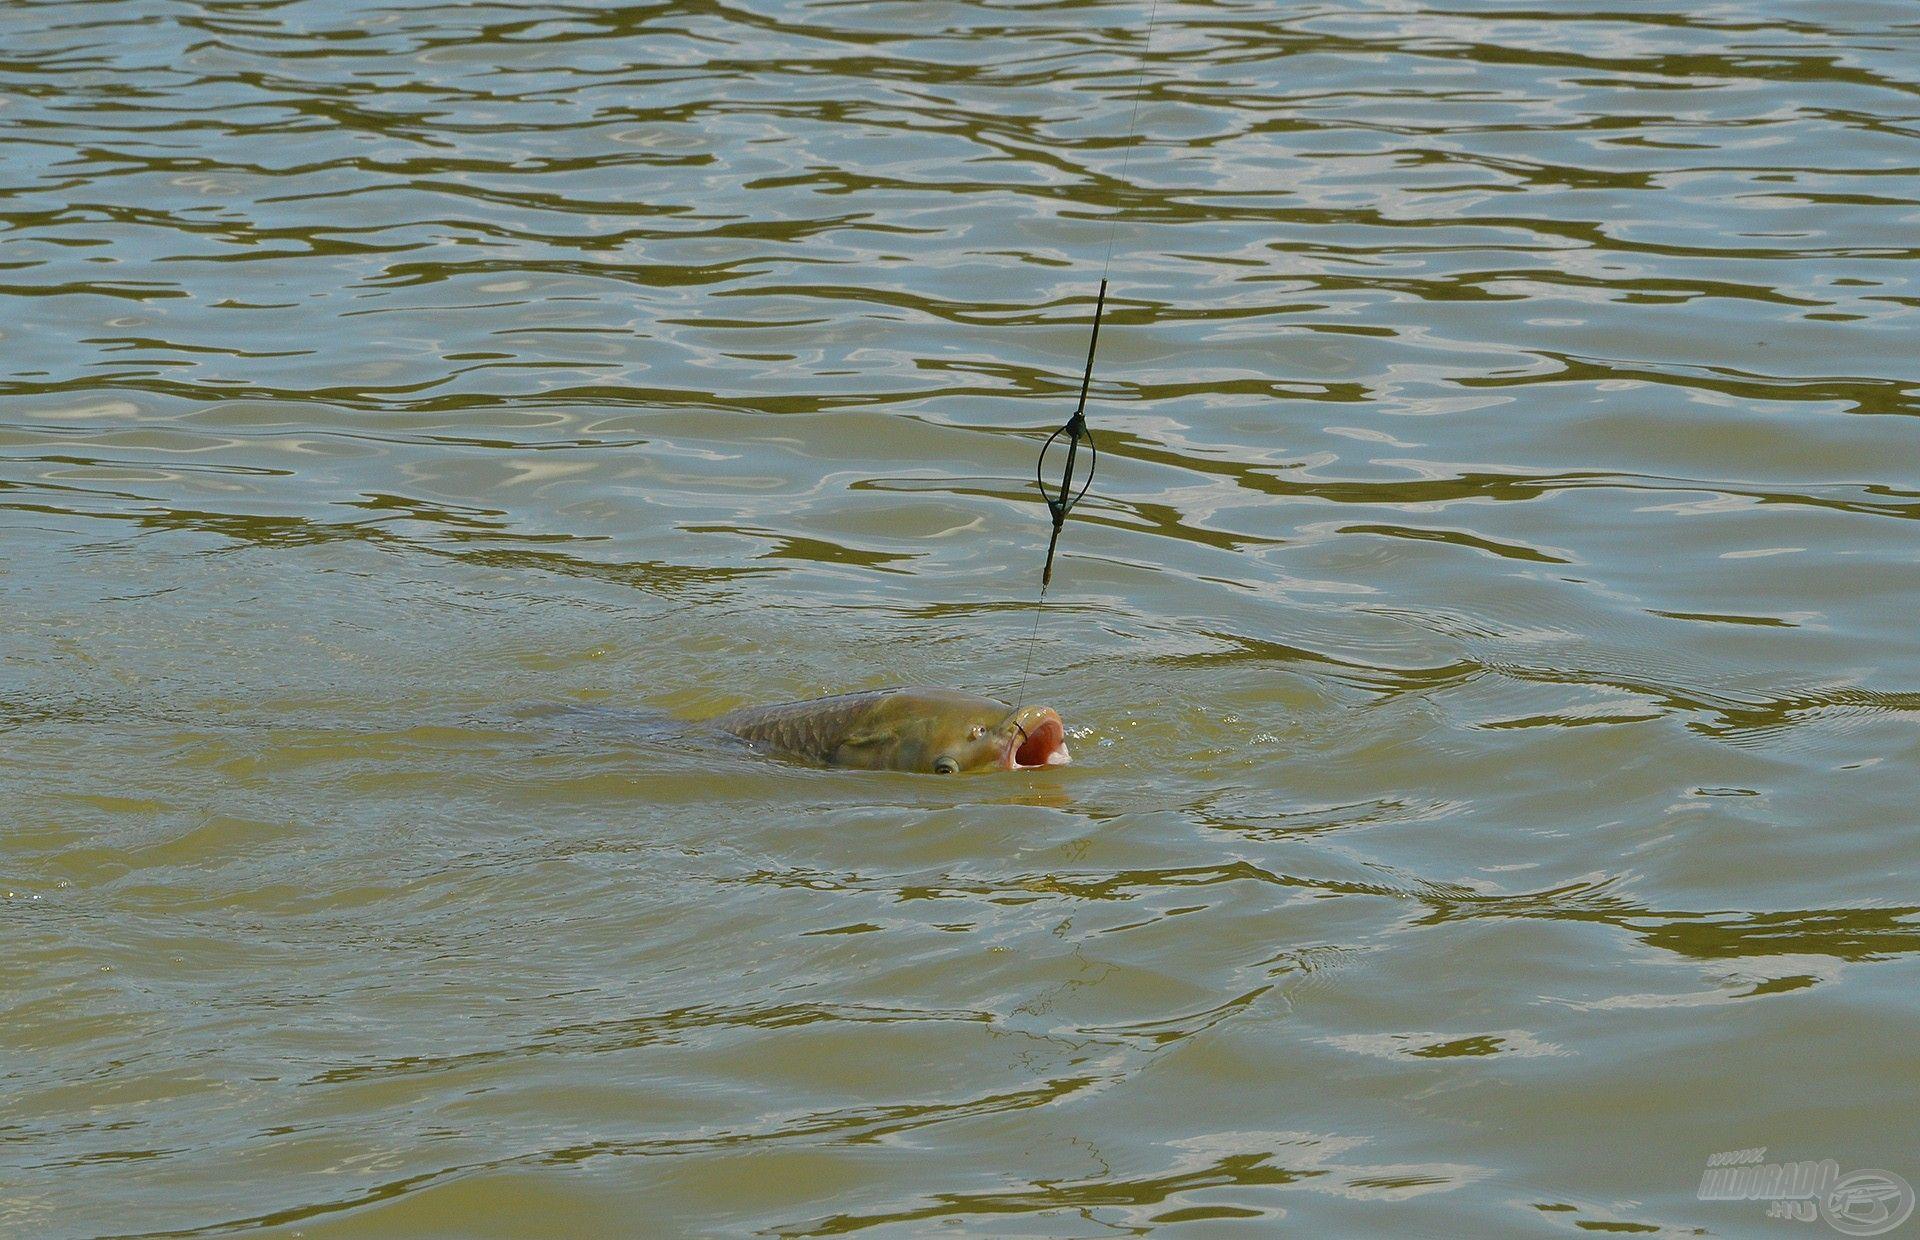 Jézusom, hova akadt az a horog! Beleborzongok, amikor az ilyen képeket visszanézem, de a lényeg, hogy nem engedte el a halat